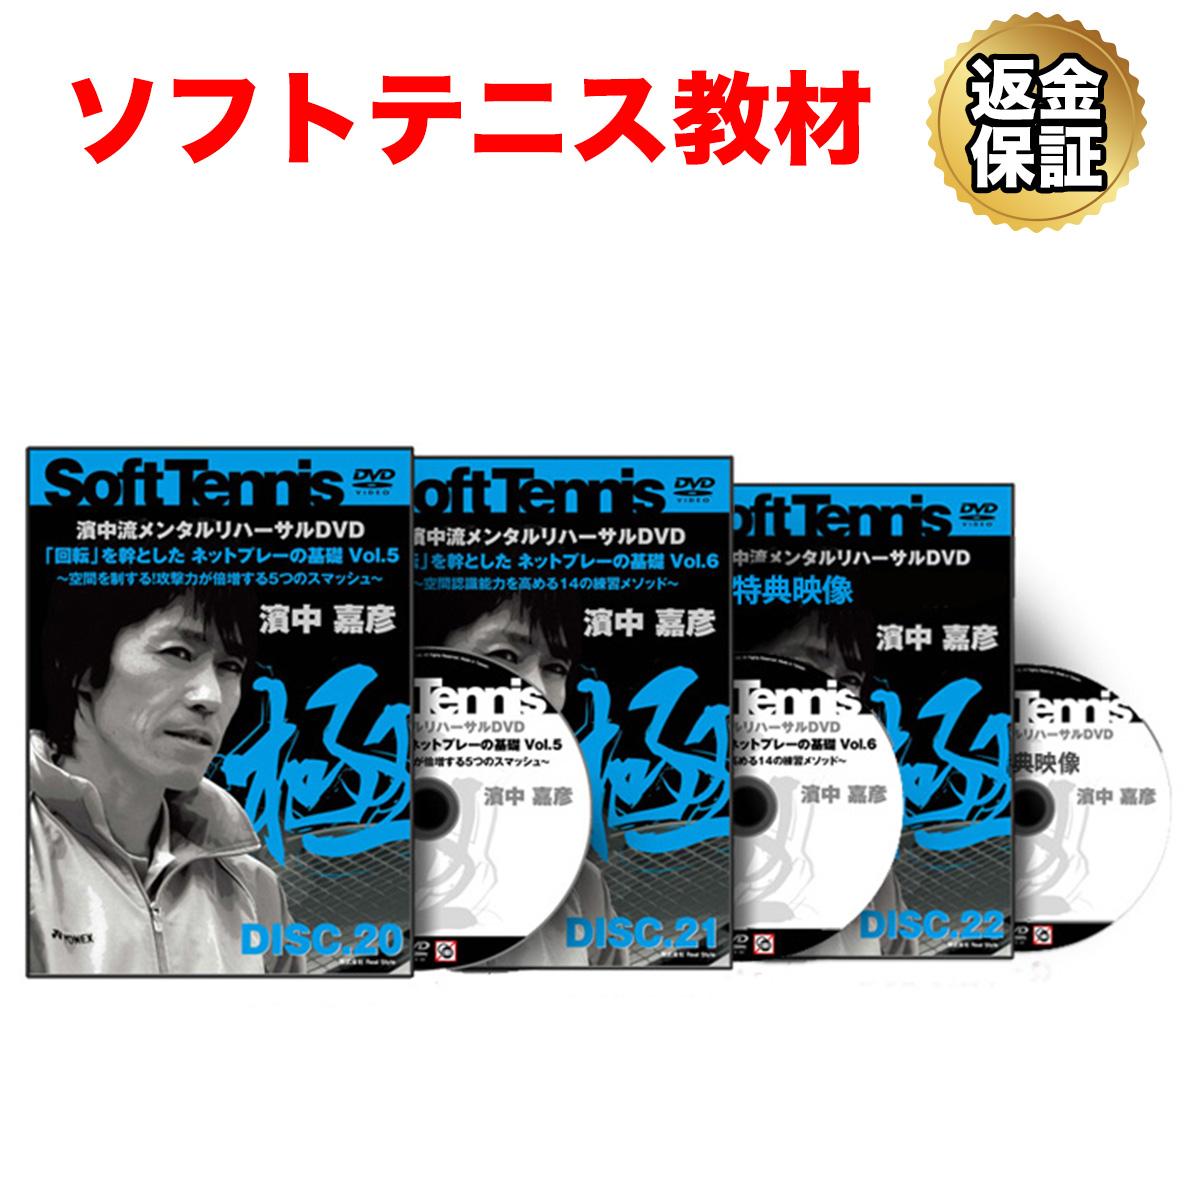 【ソフトテニス】濱中流メンタルリハーサルDVD6 (スマッシュ) [Disc20-22]